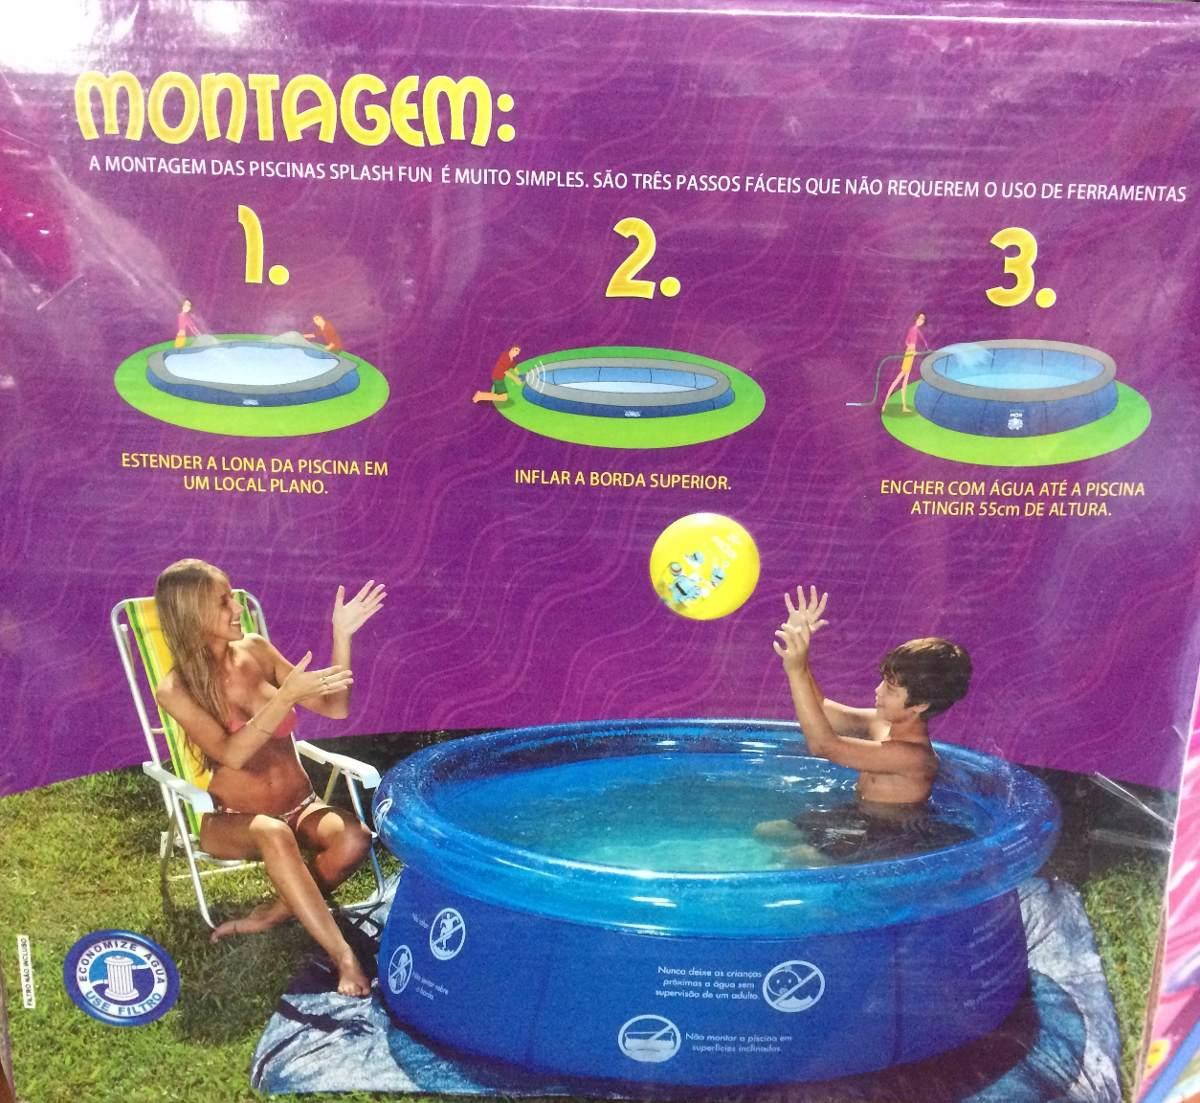 Piscina mor 1000 litros facil de montar 1 65x55 para o for Calcular litros piscina